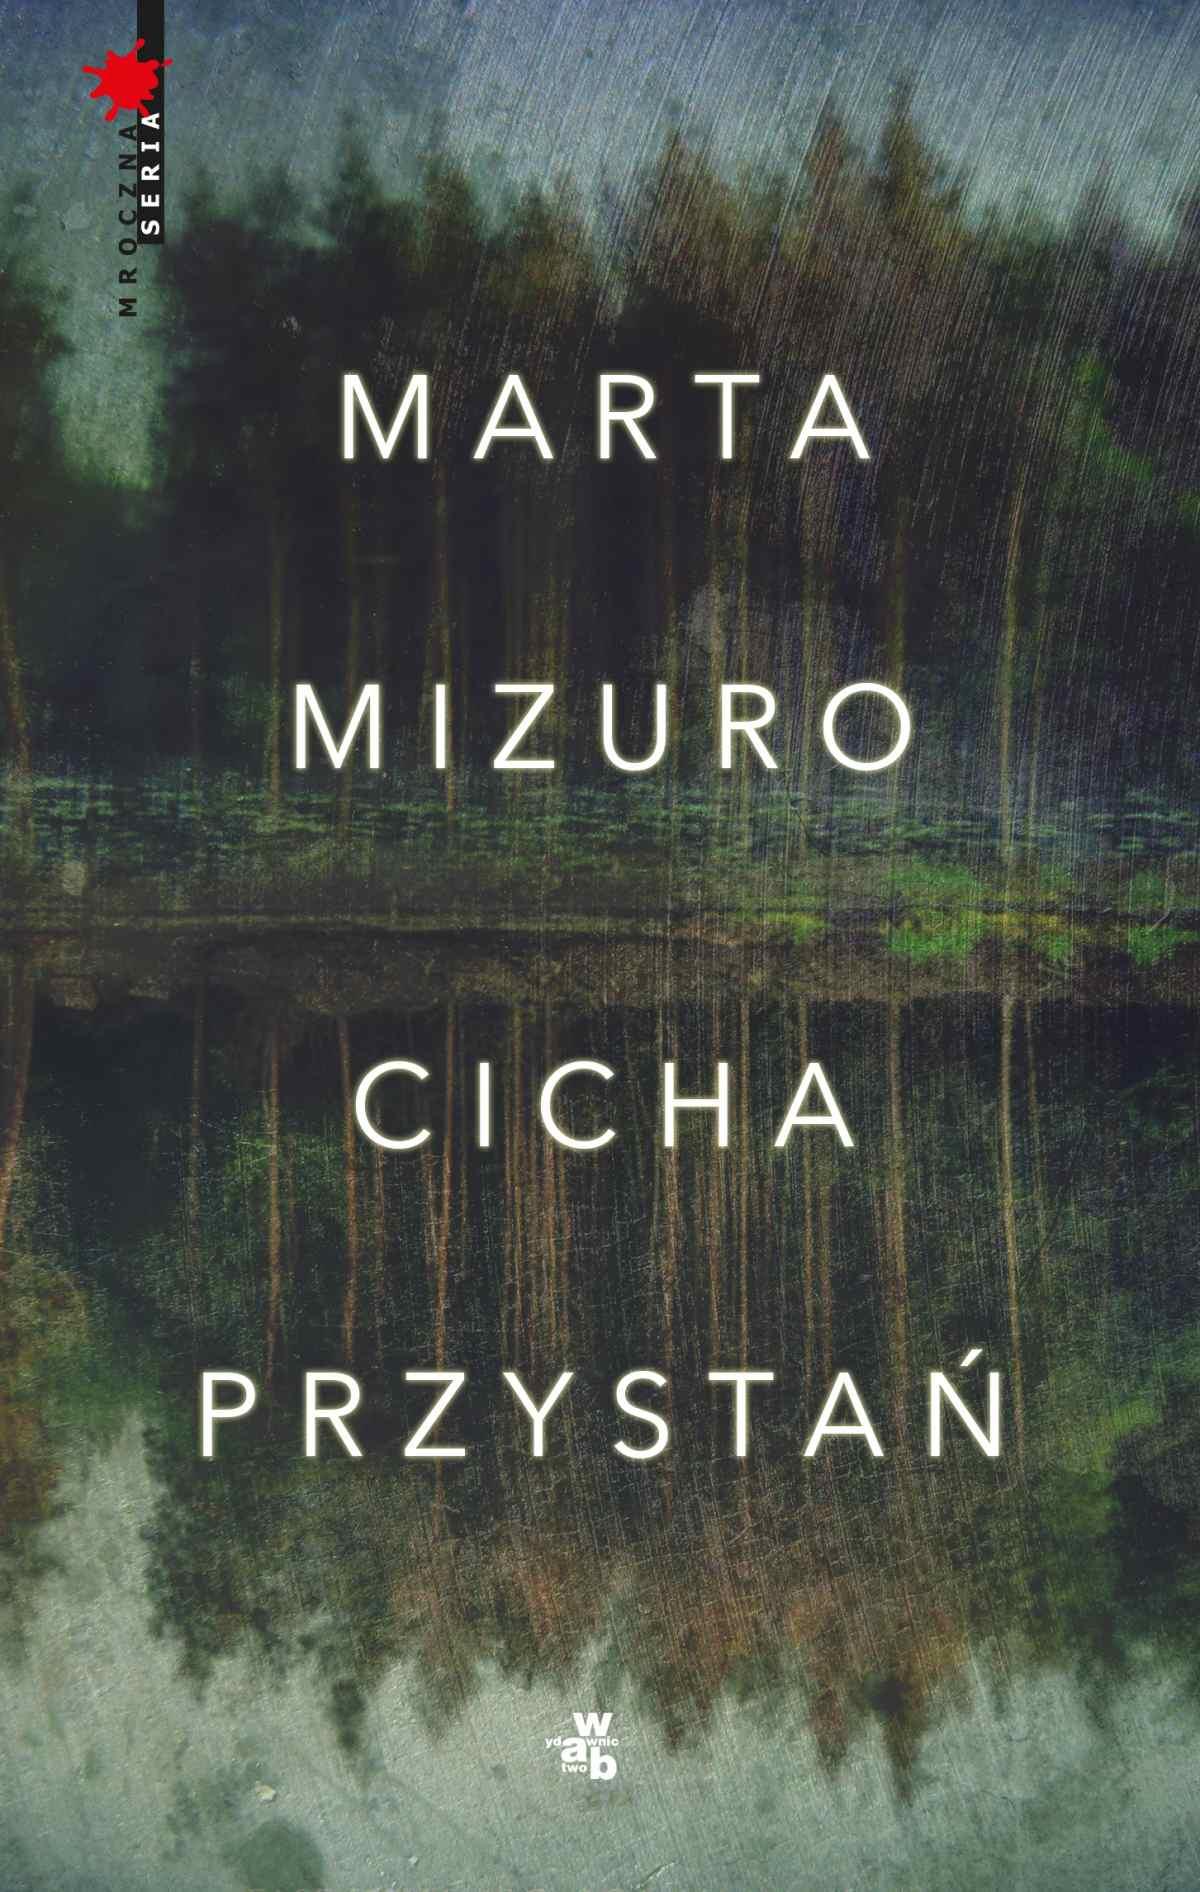 Cicha przystań - Marta Mizuro